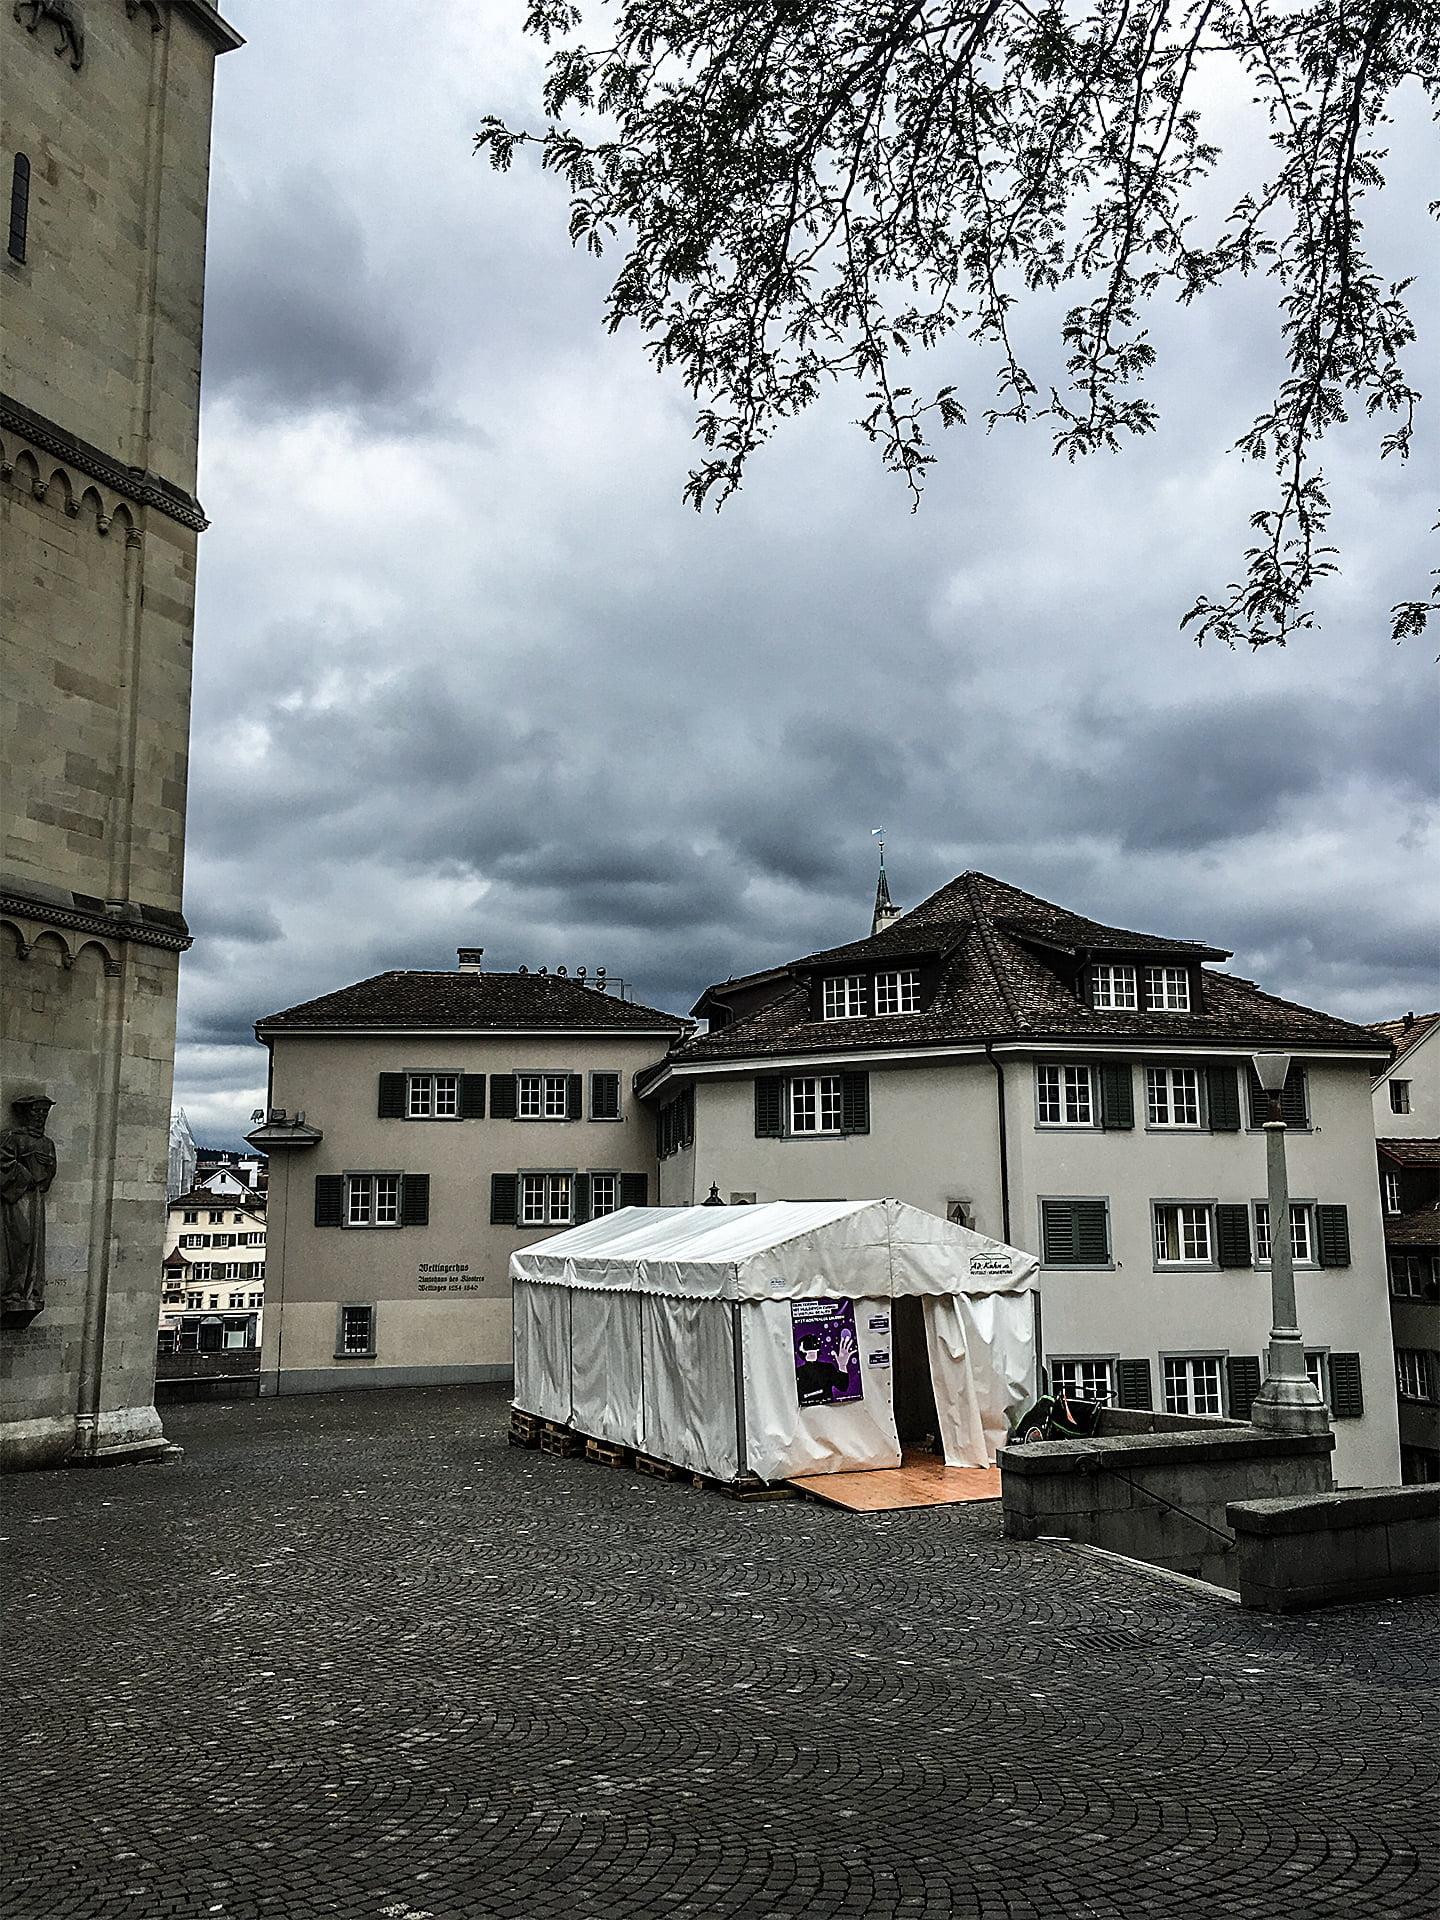 Zwingli, #ZwingliVR, Reformation, ikonaut